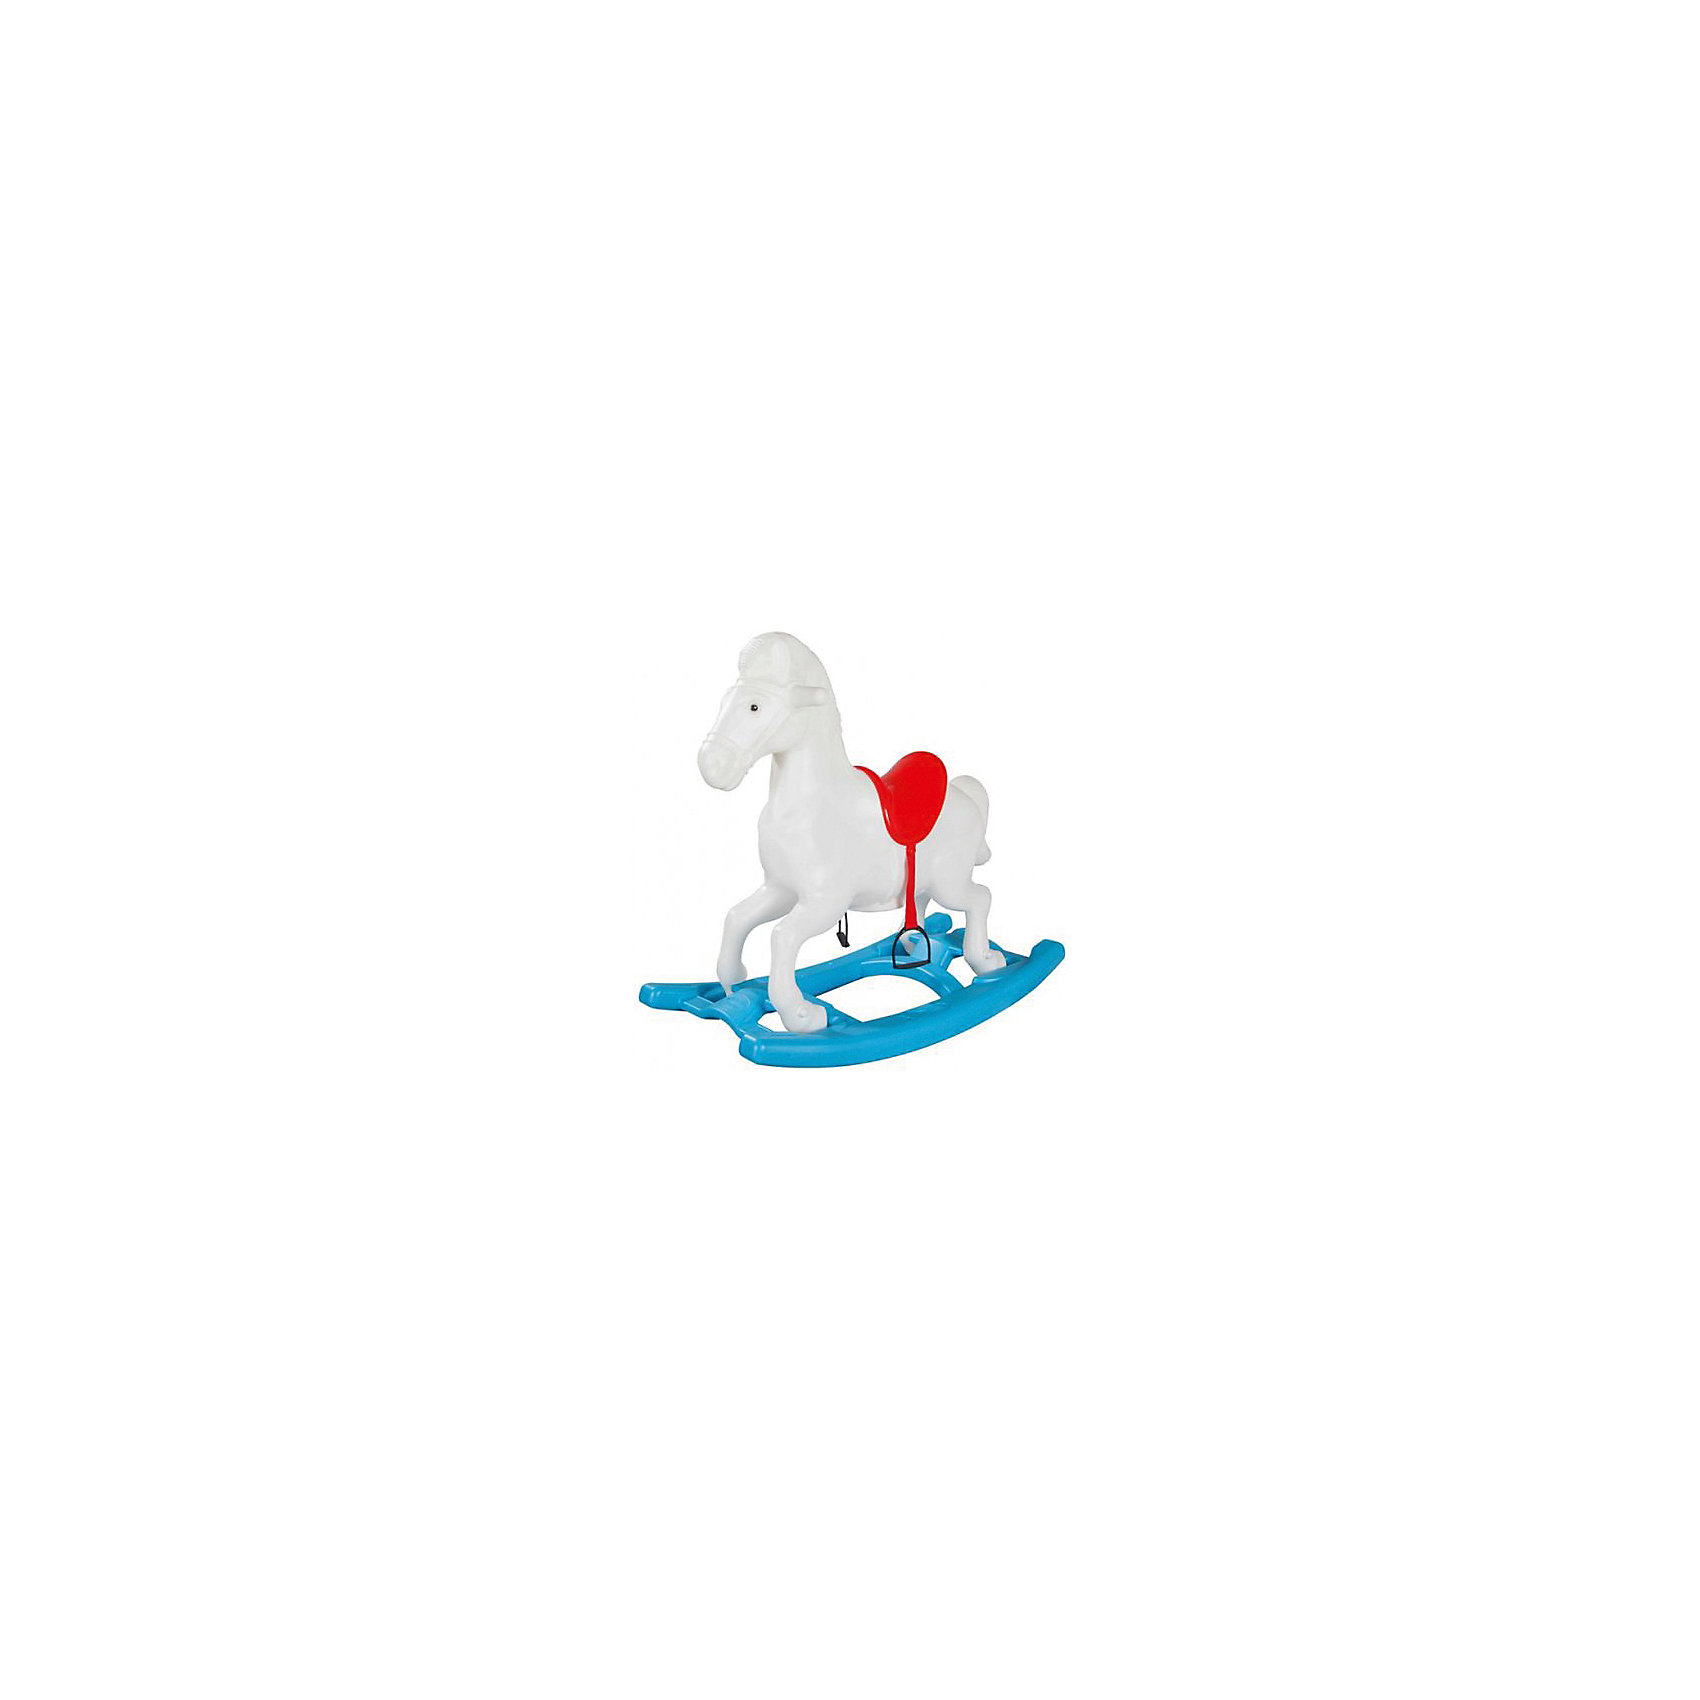 Качалка Лошадка Windy Horse, PILSANЭта качалка разработана специально для самых маленьких. С помощью каталки ребенок будет активнее изучать окружающий мир и развить чувство равновесия, координацию и моторику. Качалка имеет удобные для маленького ребенка ручки и рассчитана на максимально безопасный диапазон качания.<br>Качалка выполнена в яркой расцветке в виде лошадки, она произведена из высококачественных материалов. Эти материалы безопасны для ребенка. Предназначена и для дома, и для улицы. Она очень легко моется и мало весит.<br><br>Дополнительная информация:<br><br>цвет: разноцветный;<br>материал: пластик;<br>максимальная нагрузка: до 35 кг;<br>размер: 33.5 х 79 х 51.5 см.<br><br>Качалку Лошадка Windy Horse от марки PILSAN можно купить в нашем магазине.<br><br>Ширина мм: 790<br>Глубина мм: 335<br>Высота мм: 515<br>Вес г: 2800<br>Возраст от месяцев: 24<br>Возраст до месяцев: 84<br>Пол: Унисекс<br>Возраст: Детский<br>SKU: 4715400